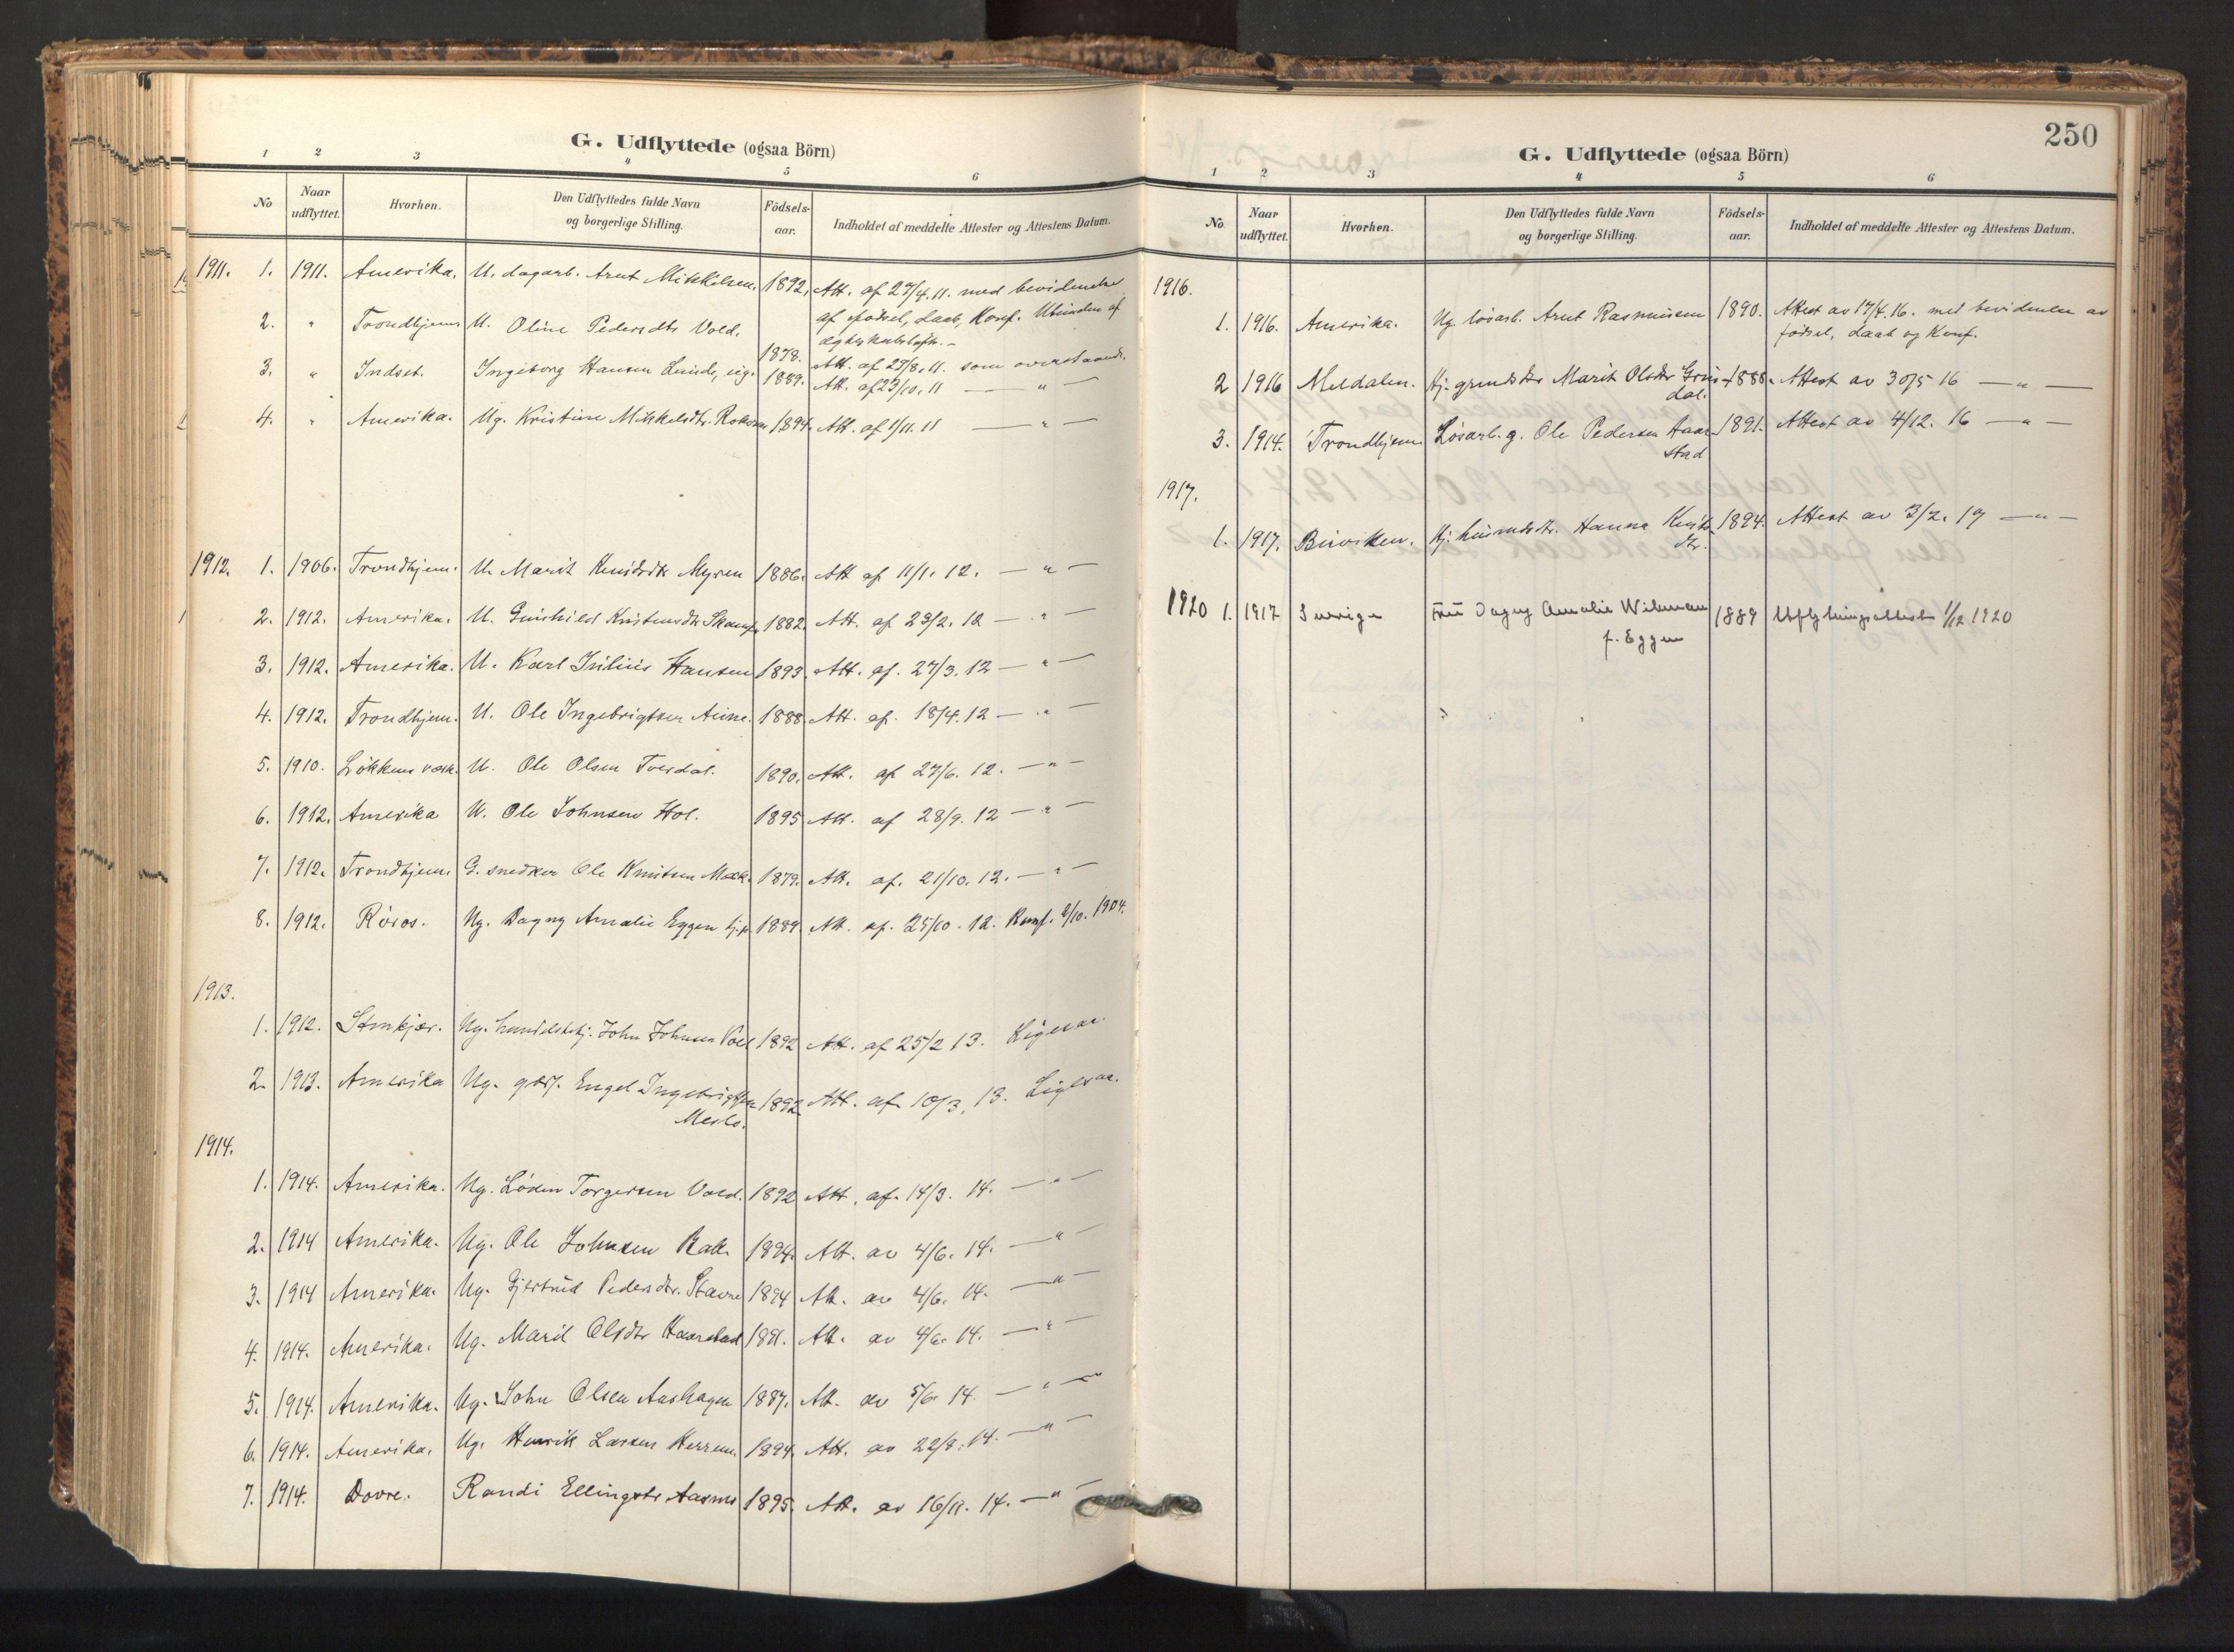 SAT, Ministerialprotokoller, klokkerbøker og fødselsregistre - Sør-Trøndelag, 674/L0873: Ministerialbok nr. 674A05, 1908-1923, s. 250